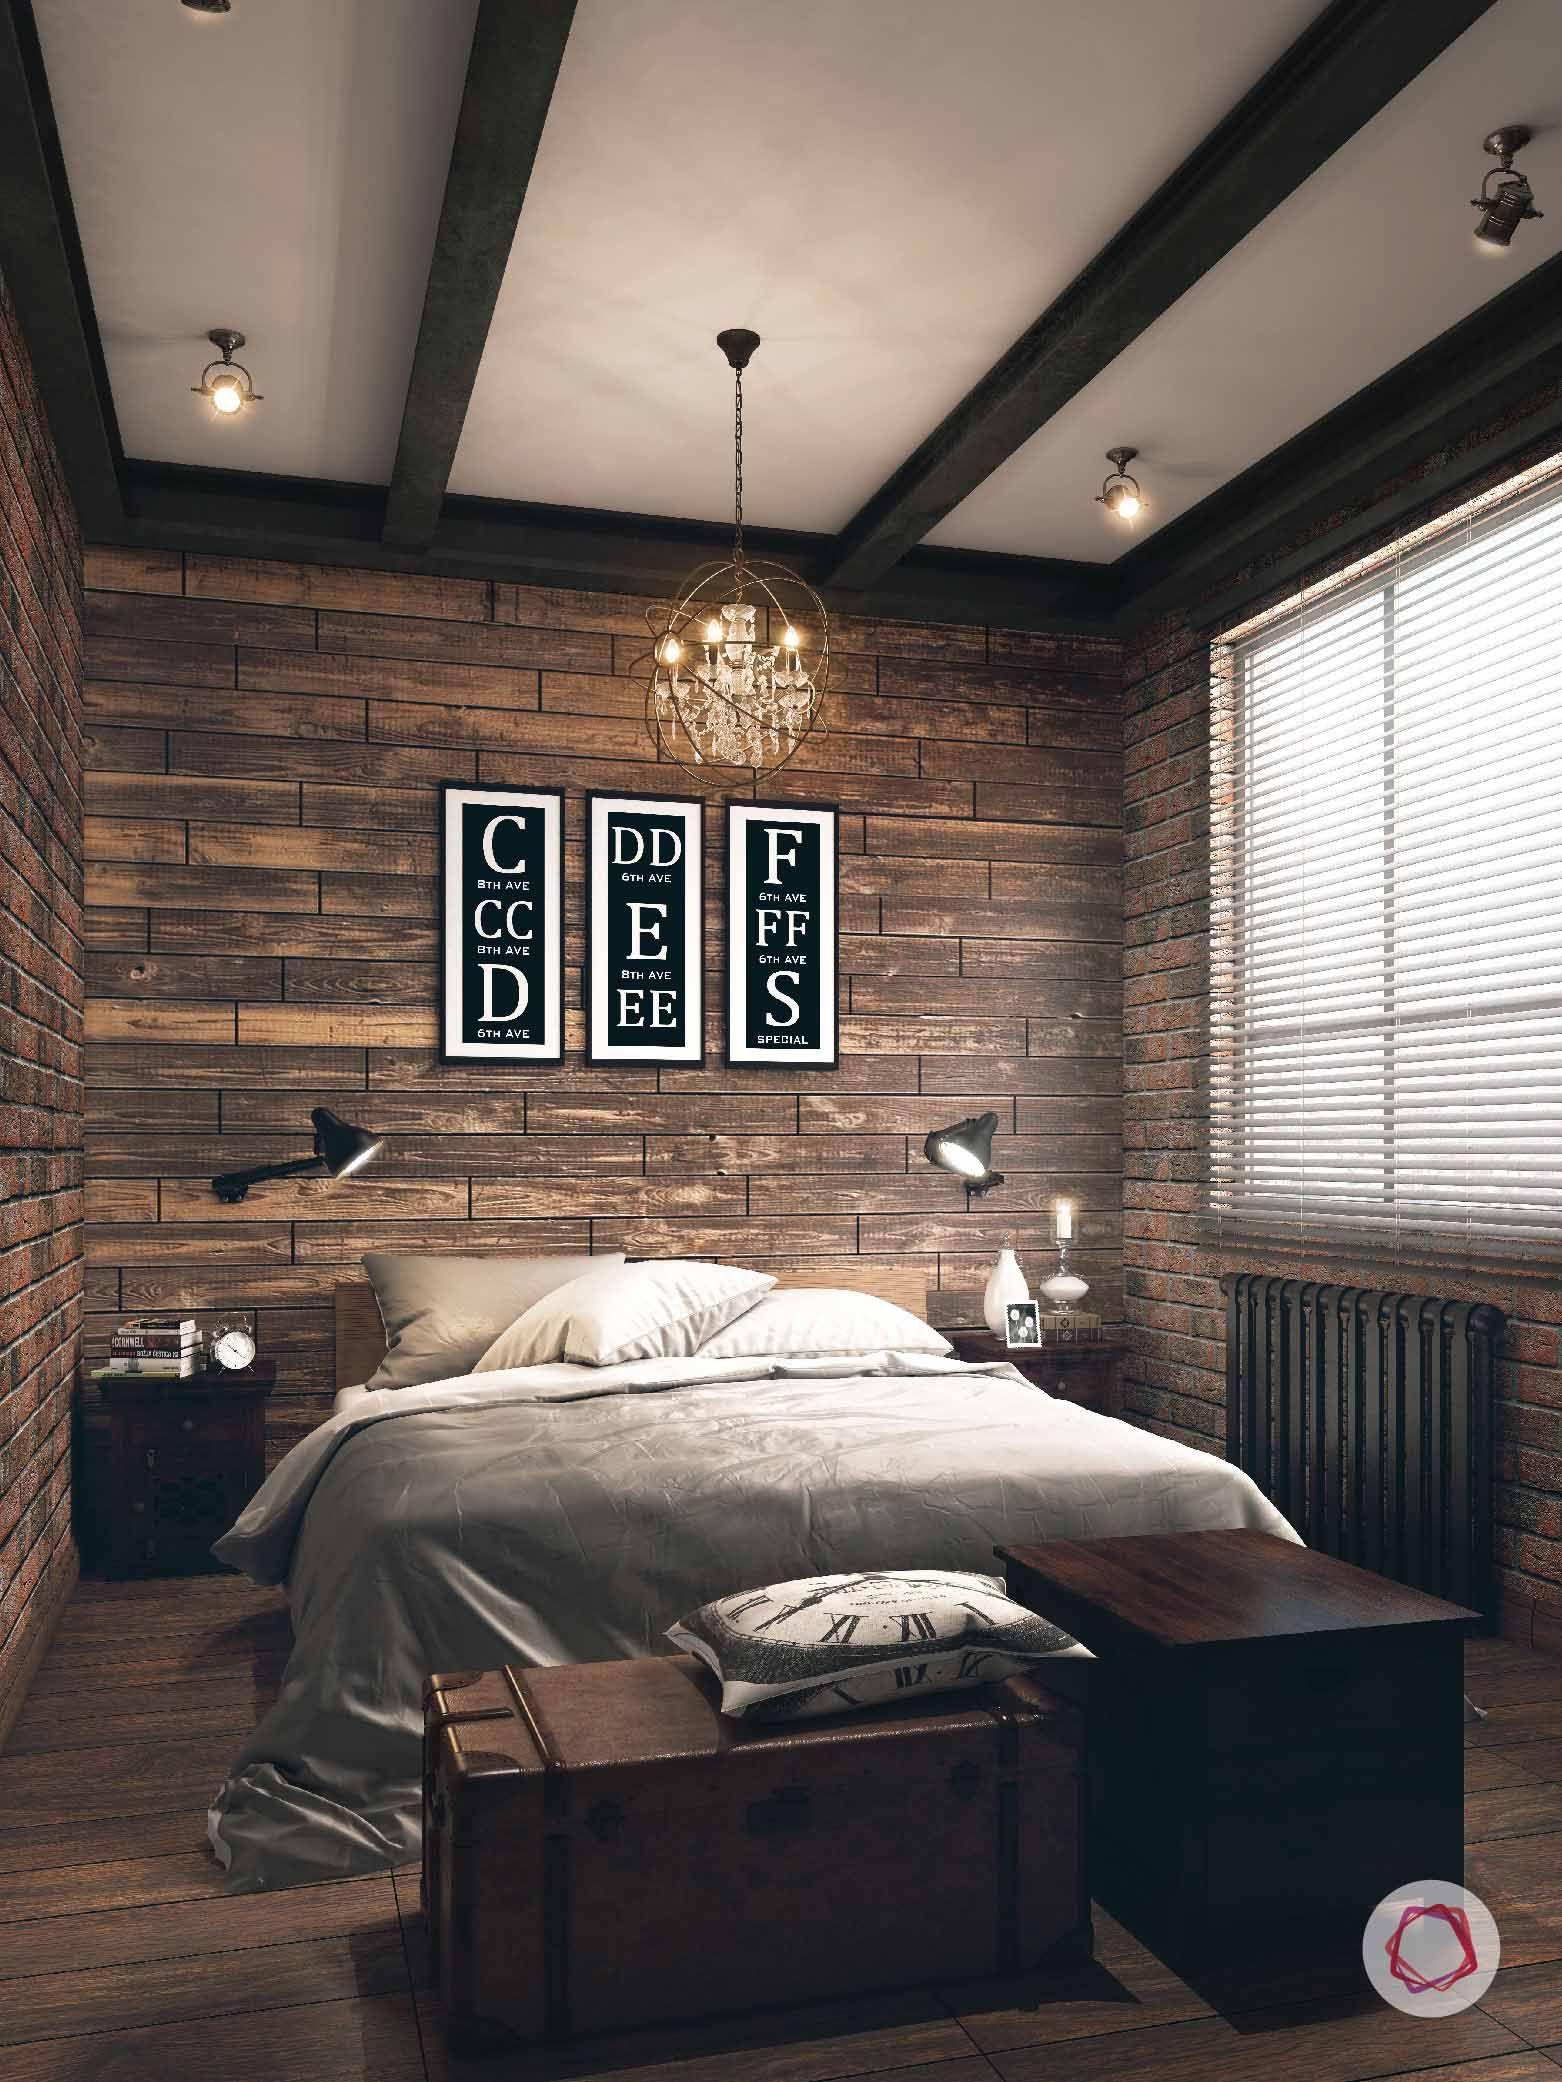 Desain kamar tidur dengan dekorasi uni